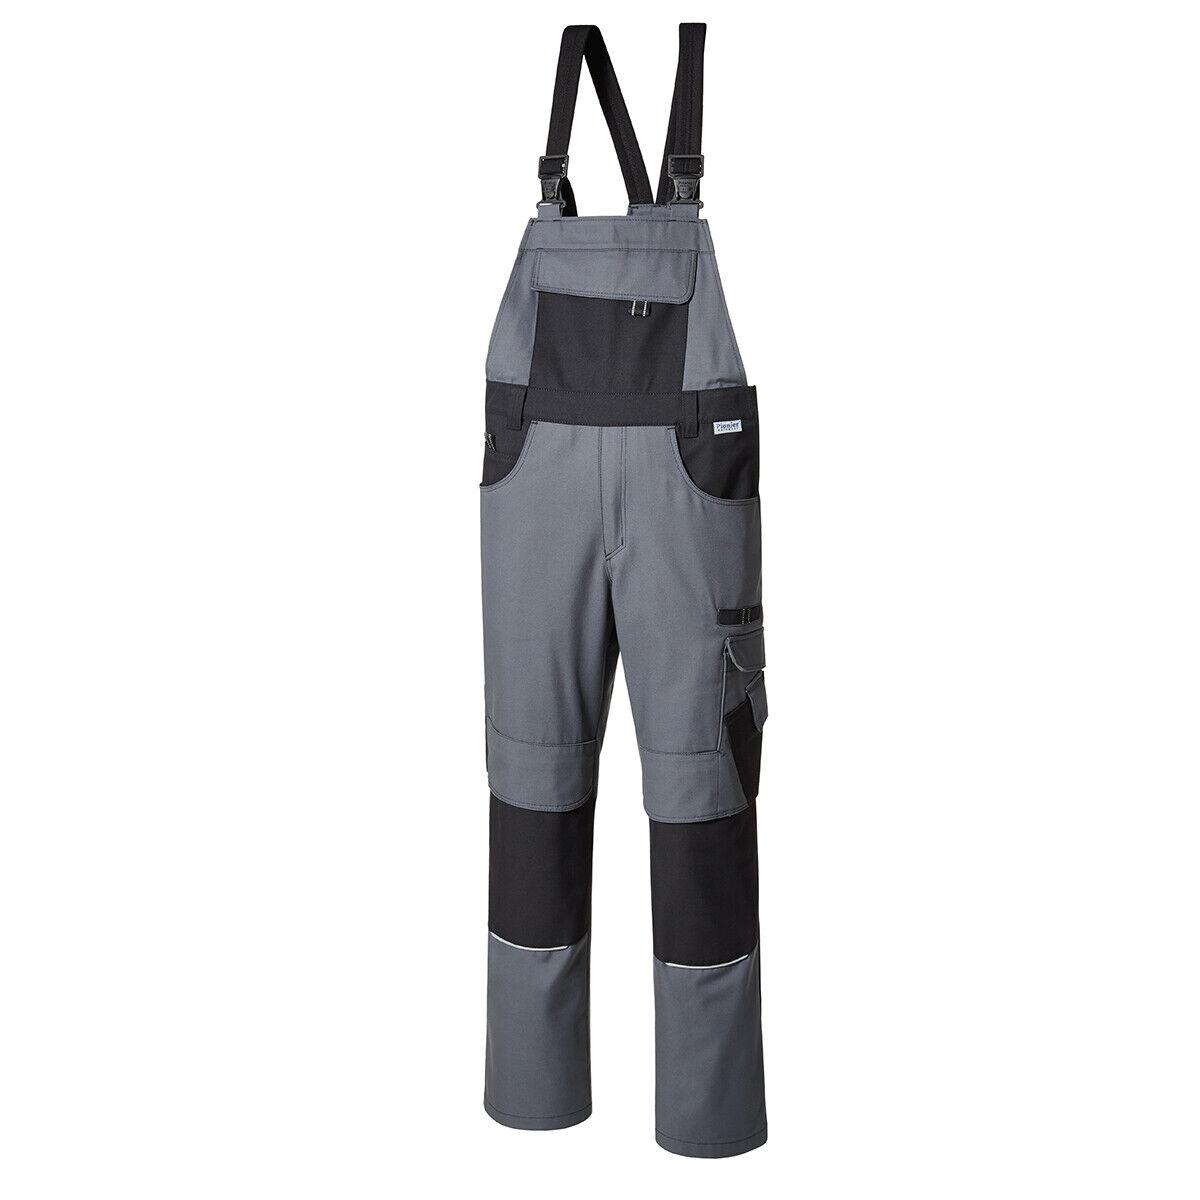 839352a5 XXL Pionier Workwear Latzhose grey black Normalgrößen untersetzte  untersetzte untersetzte Größen NEU e6c8af